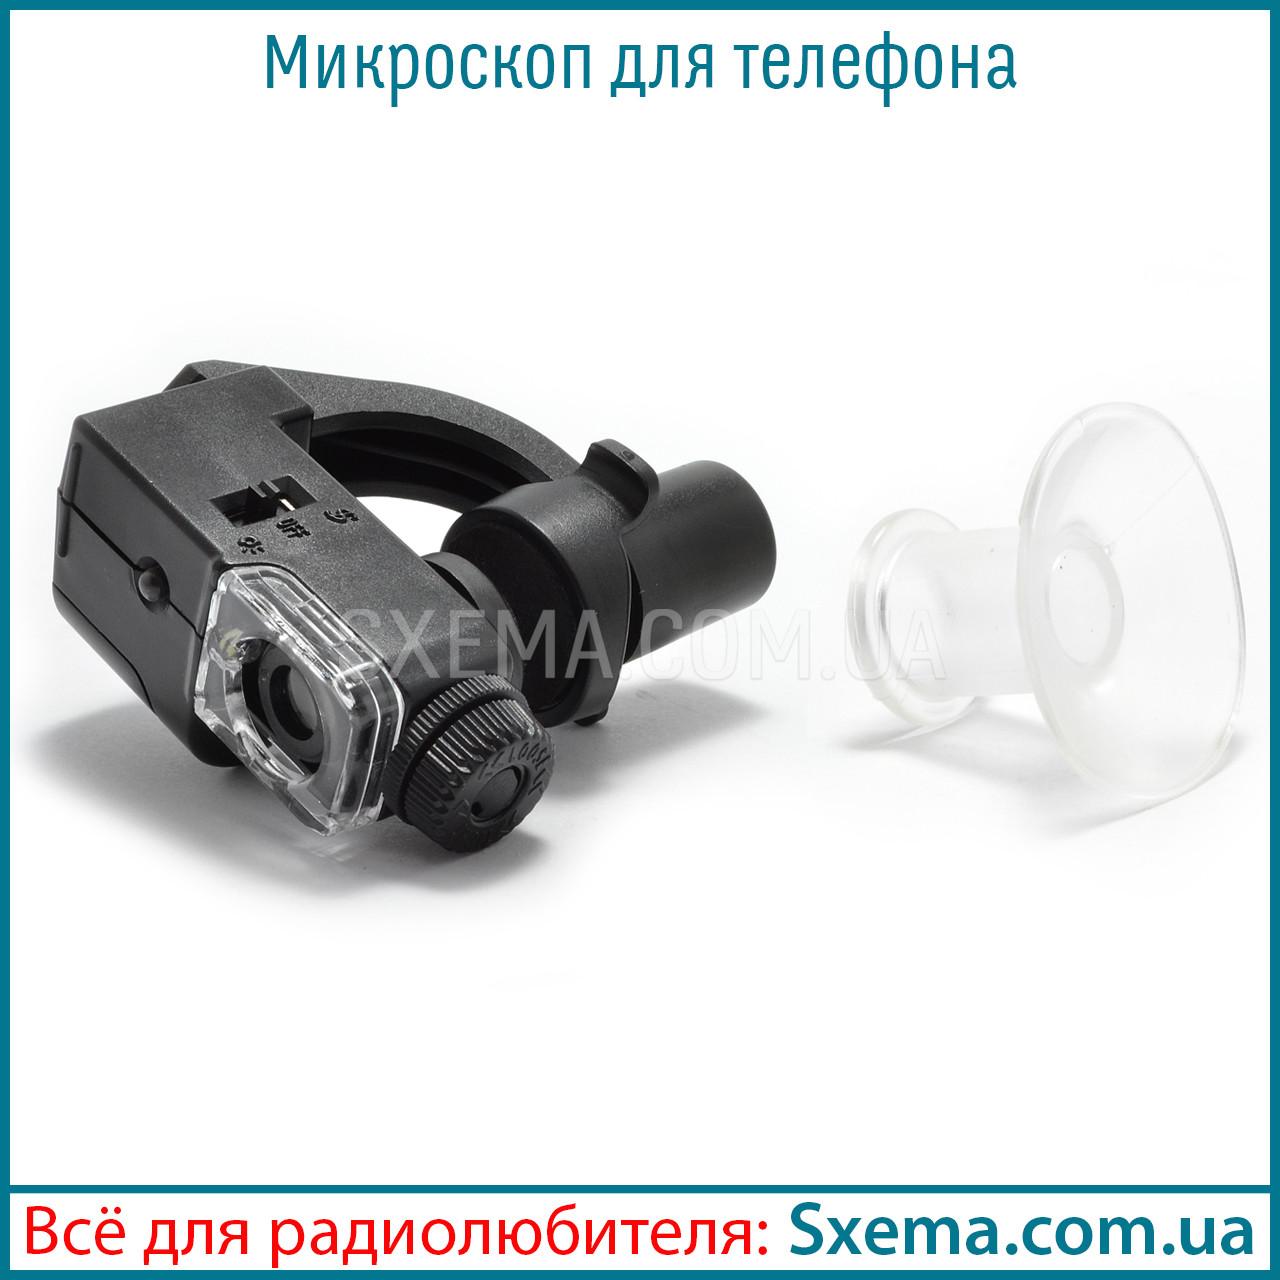 Микроскоп для телефона с подсветкой и уф для проверки денег 90х